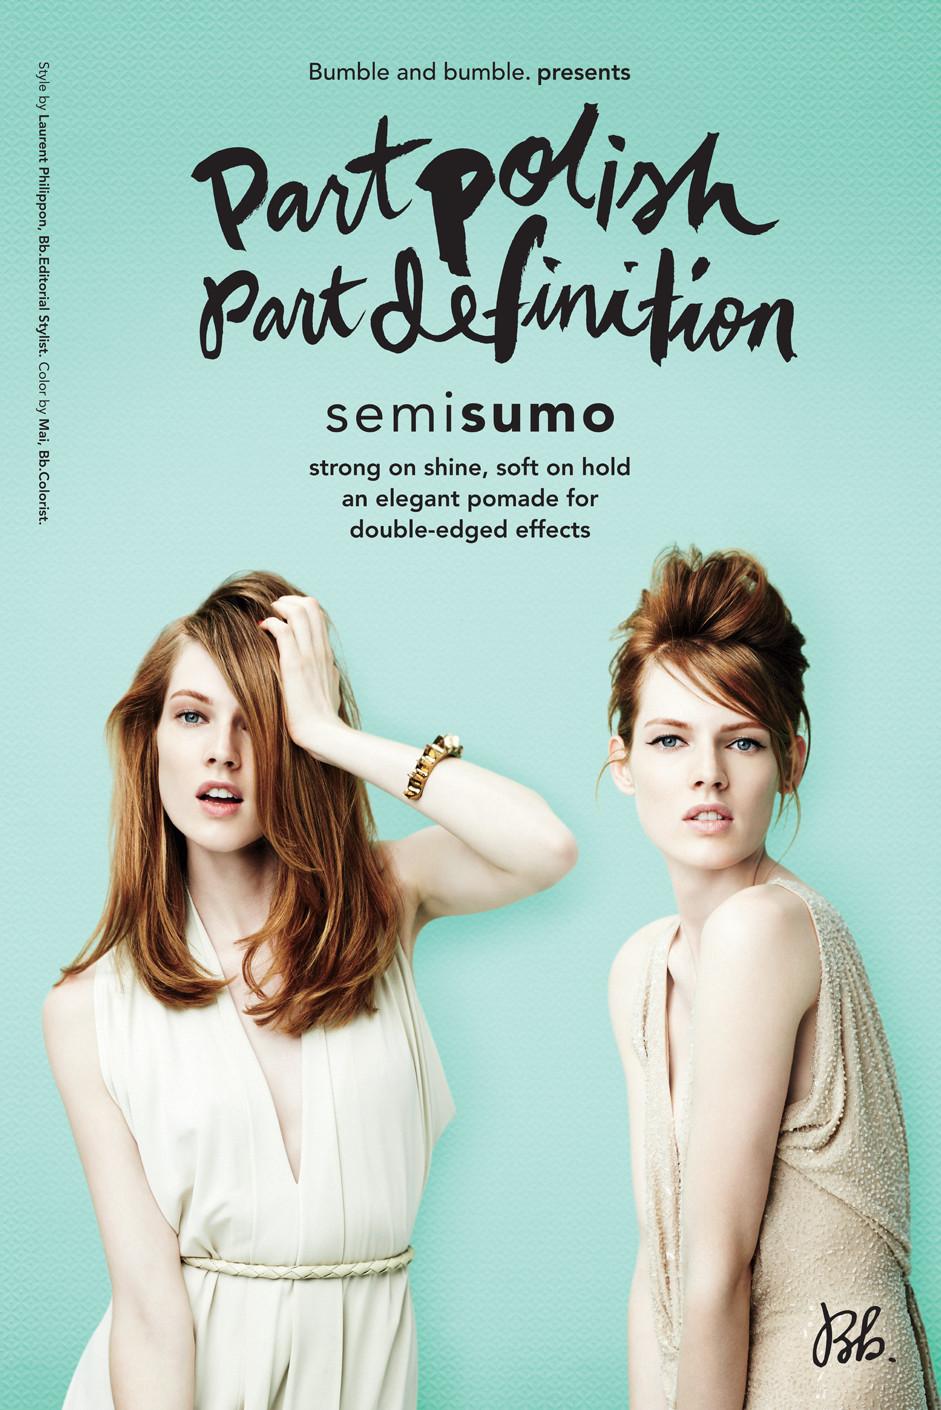 semisumo-campaign-1